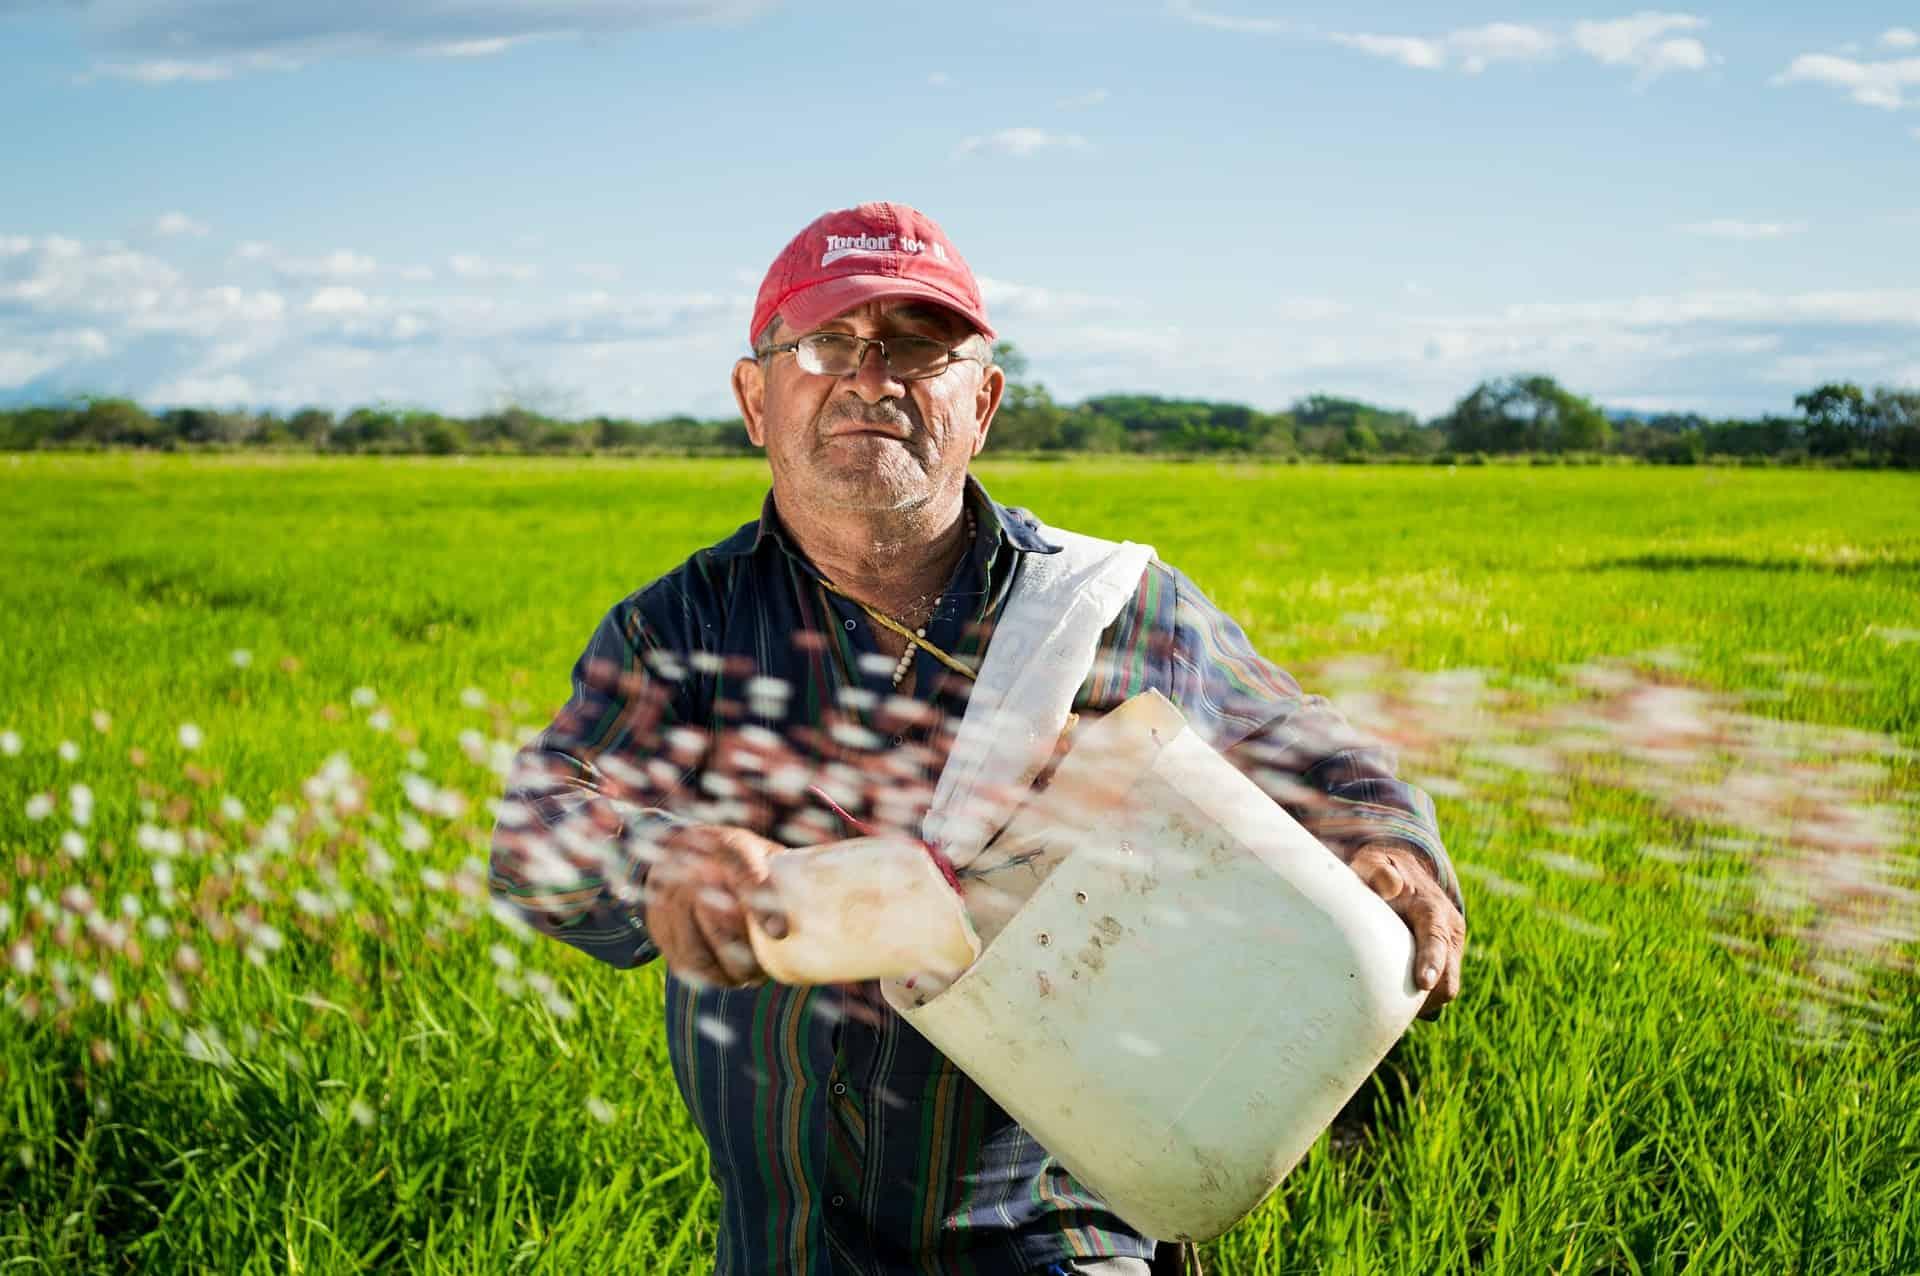 Reissorten für den Reiskocher-reisland